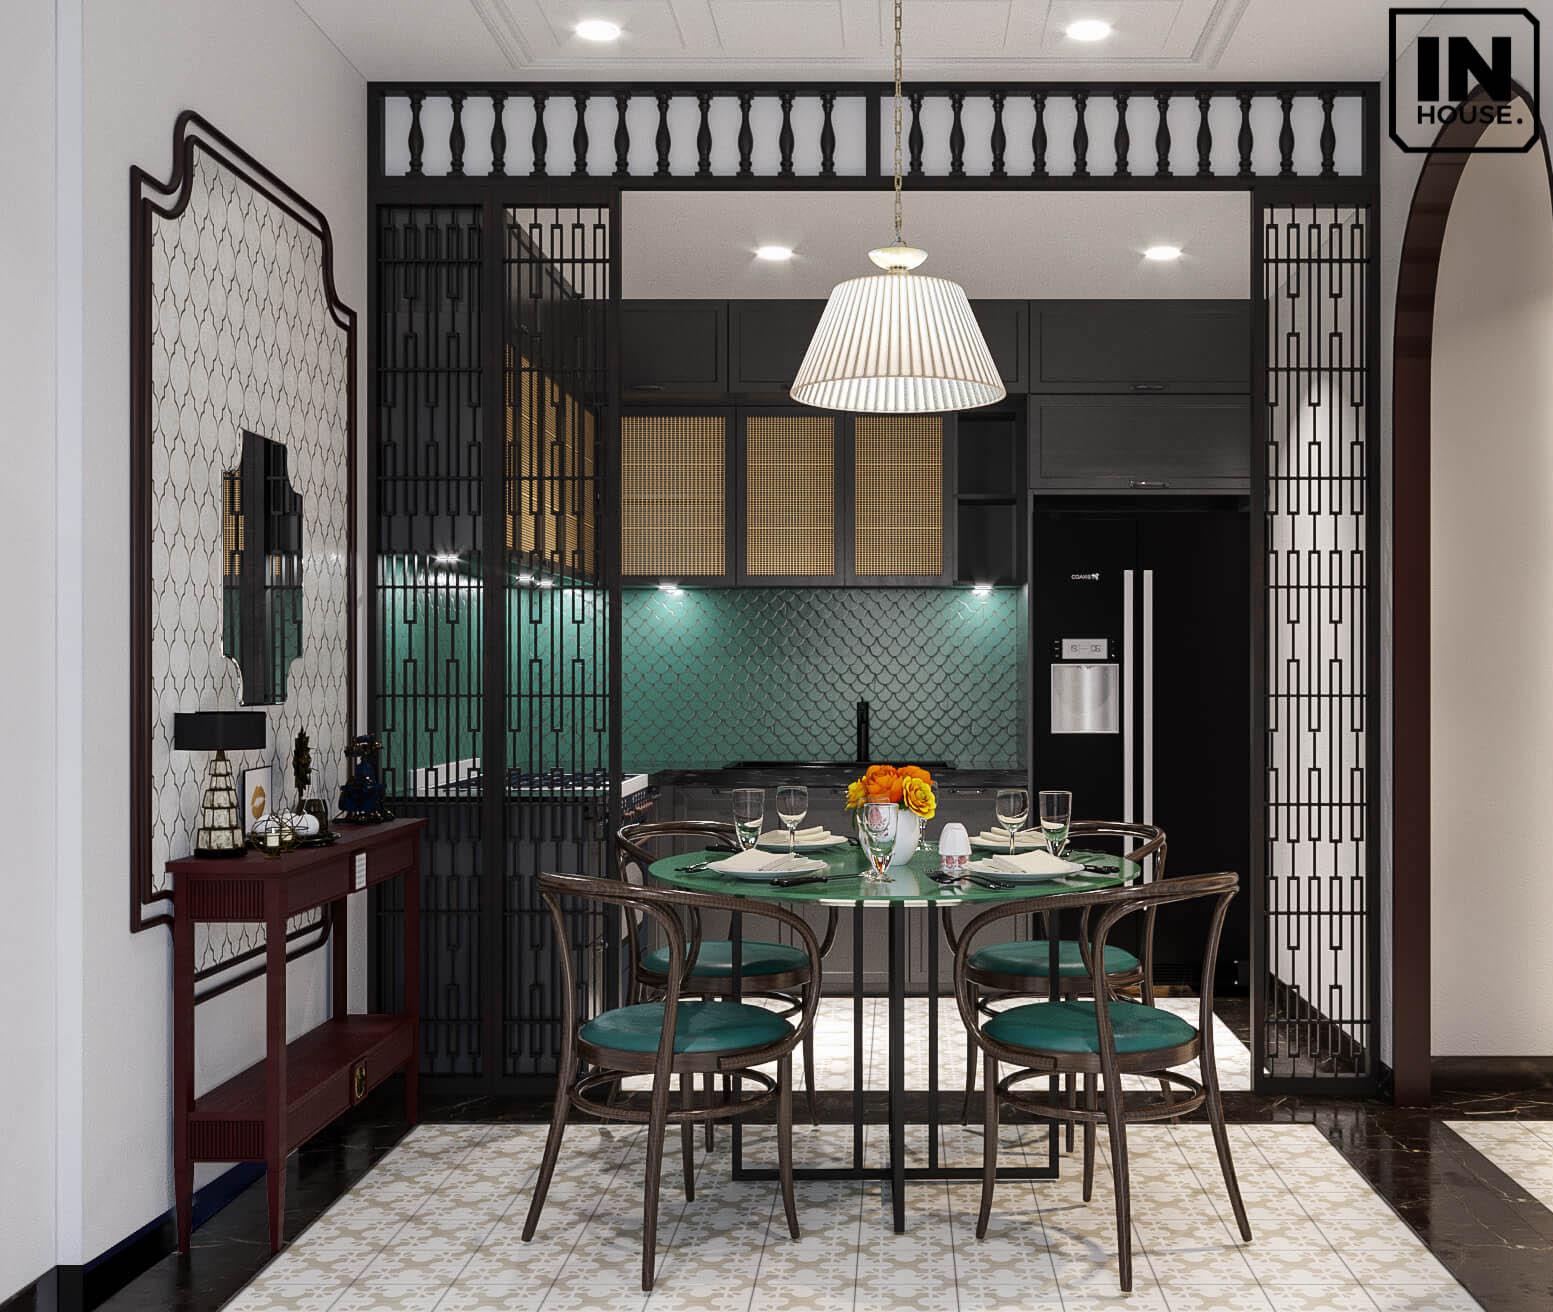 Thiết kế nhà bếp theo phong cách Indochine Style